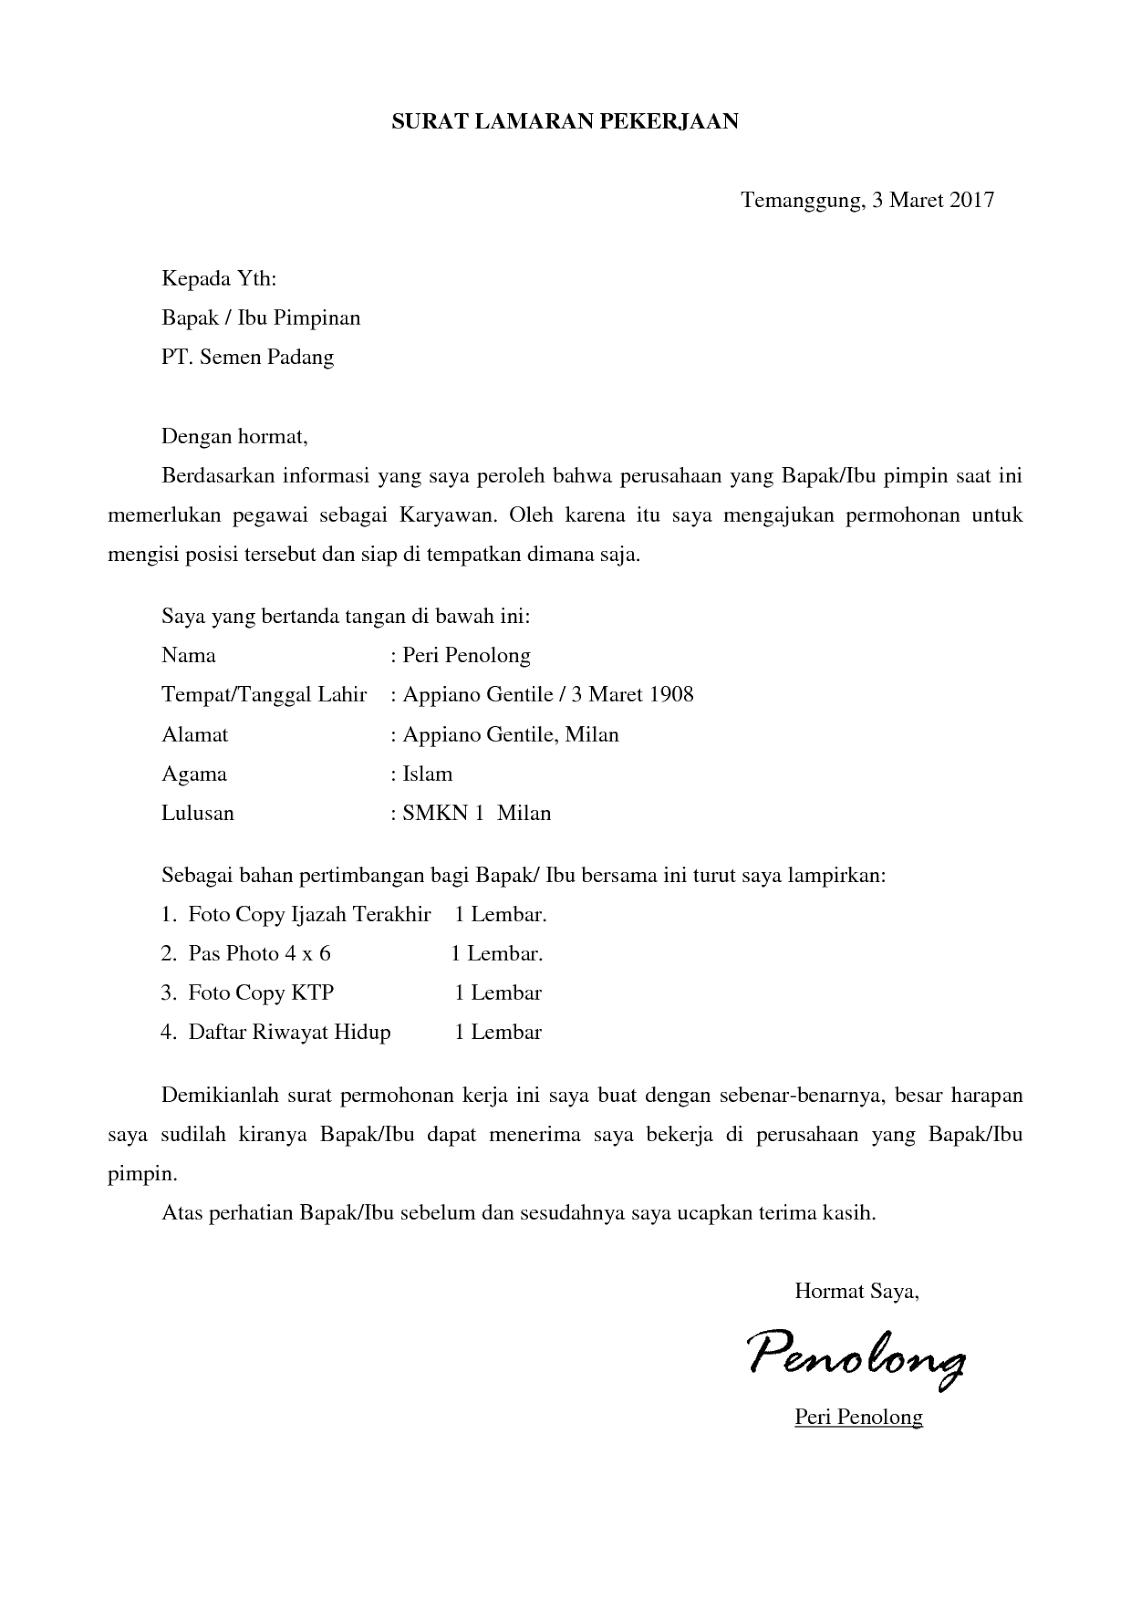 Surat Lamaran Kerja Kreatif Ben Jobs Uchiha Pinterest